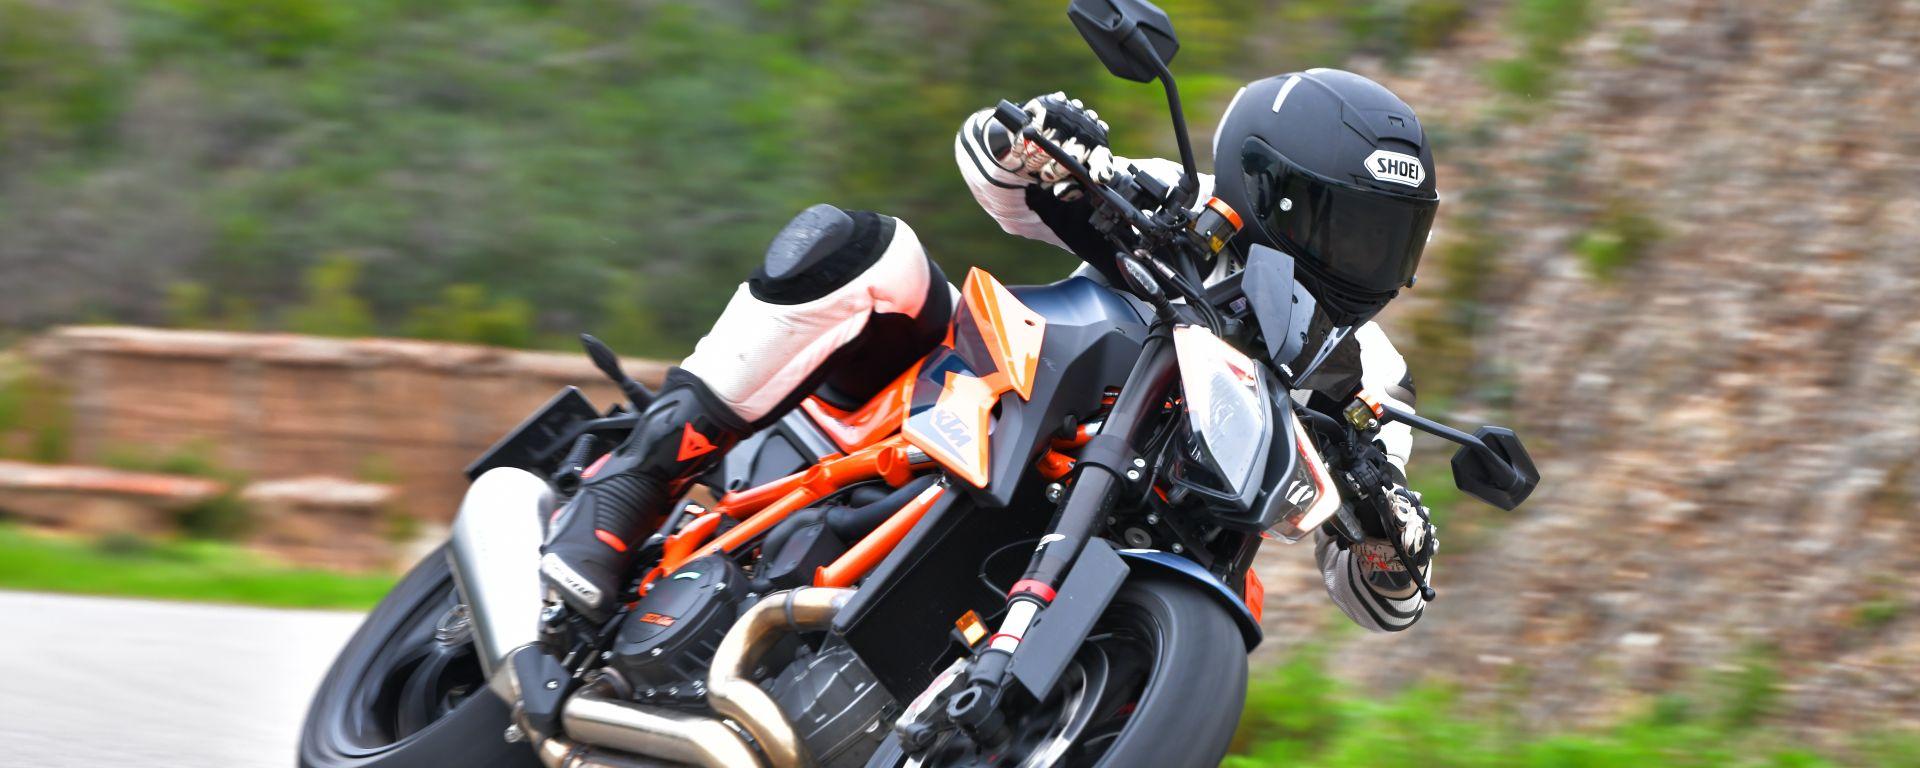 KTM 1290 Super Duke R: la prova in video della Bestia austriaca